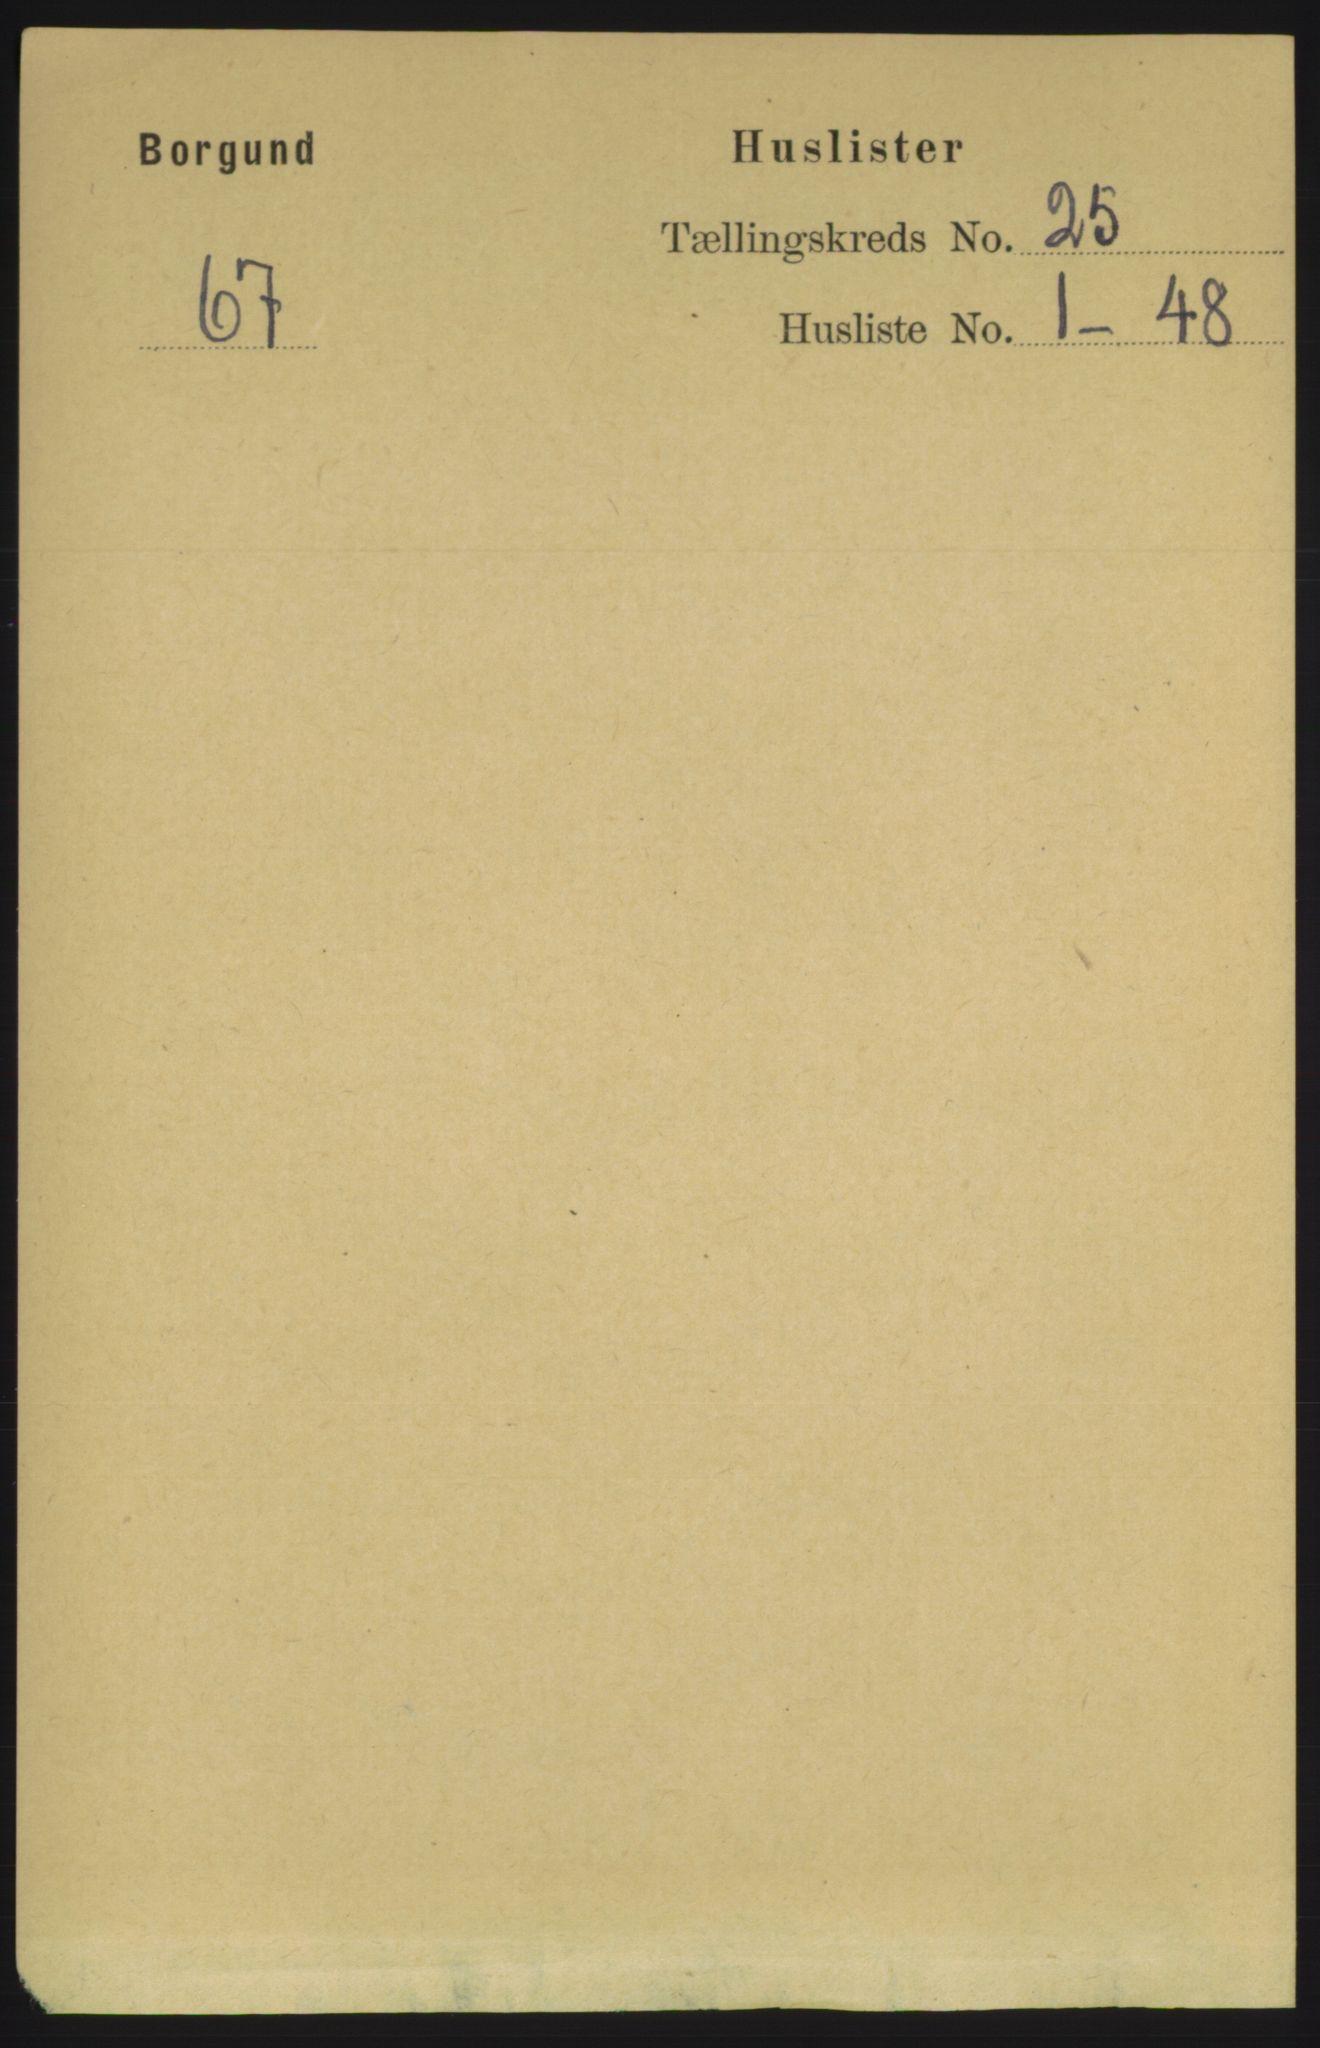 RA, Folketelling 1891 for 1531 Borgund herred, 1891, s. 7206